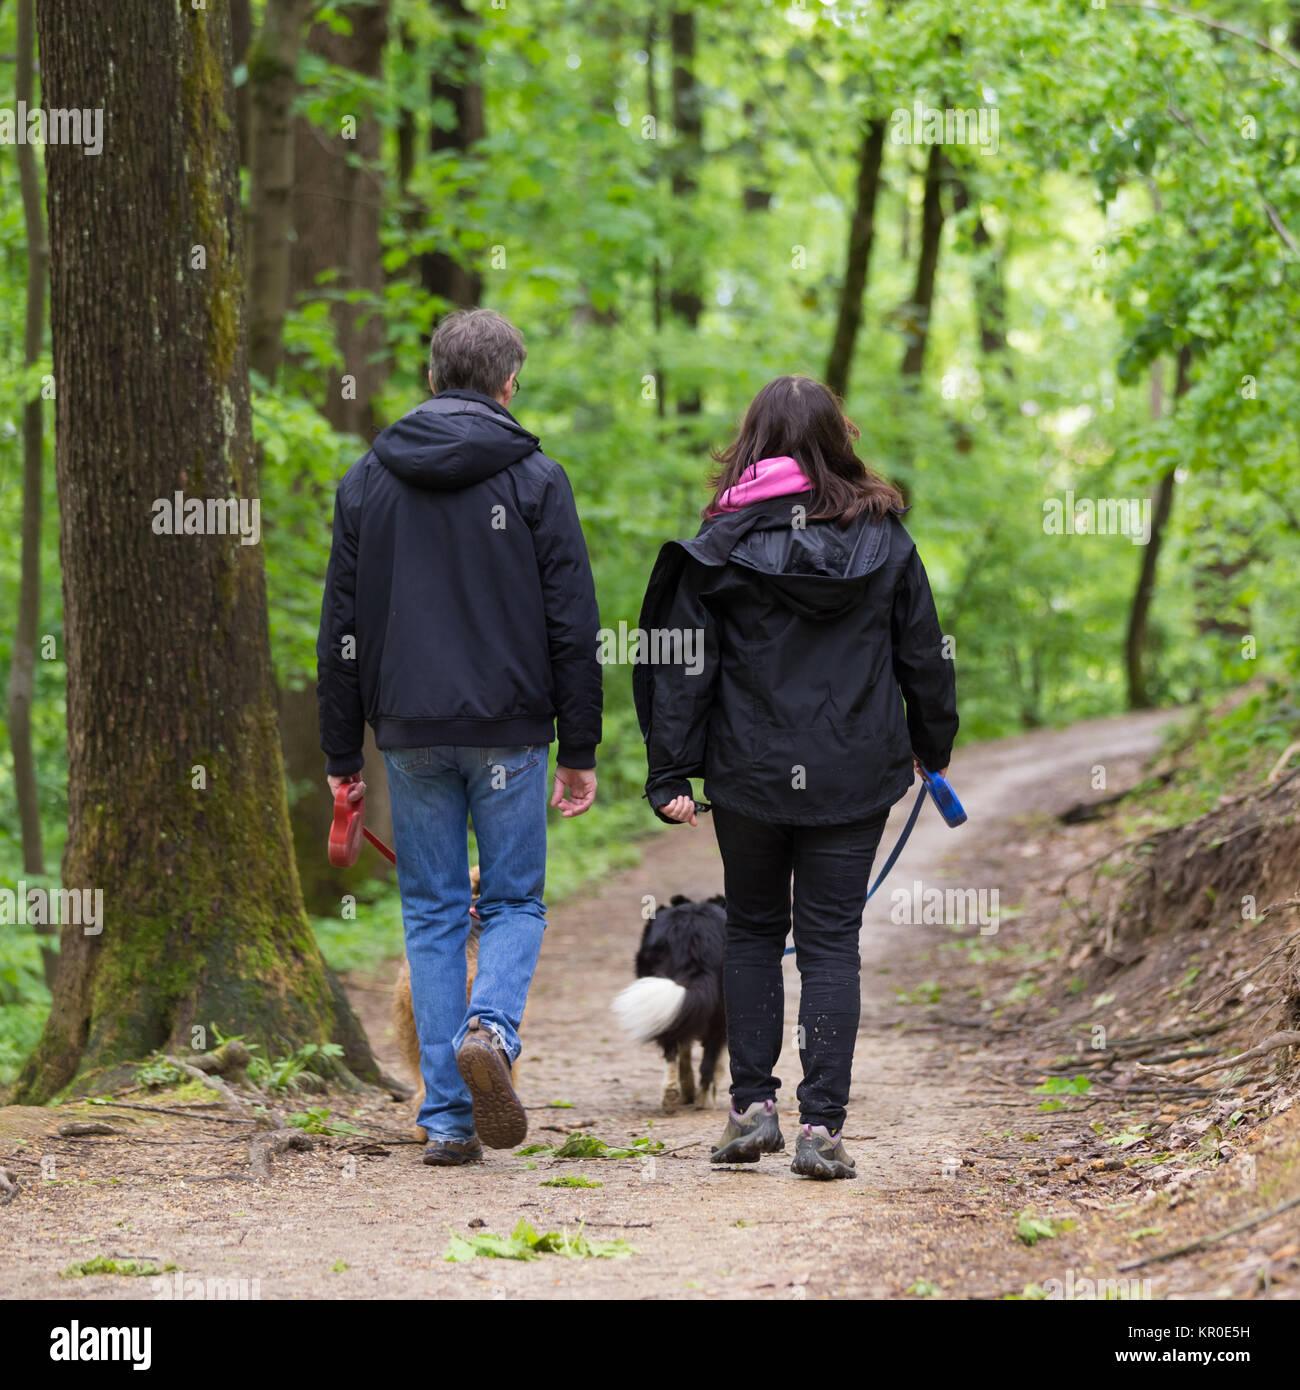 видео парочка пошла погулять в лес - 1